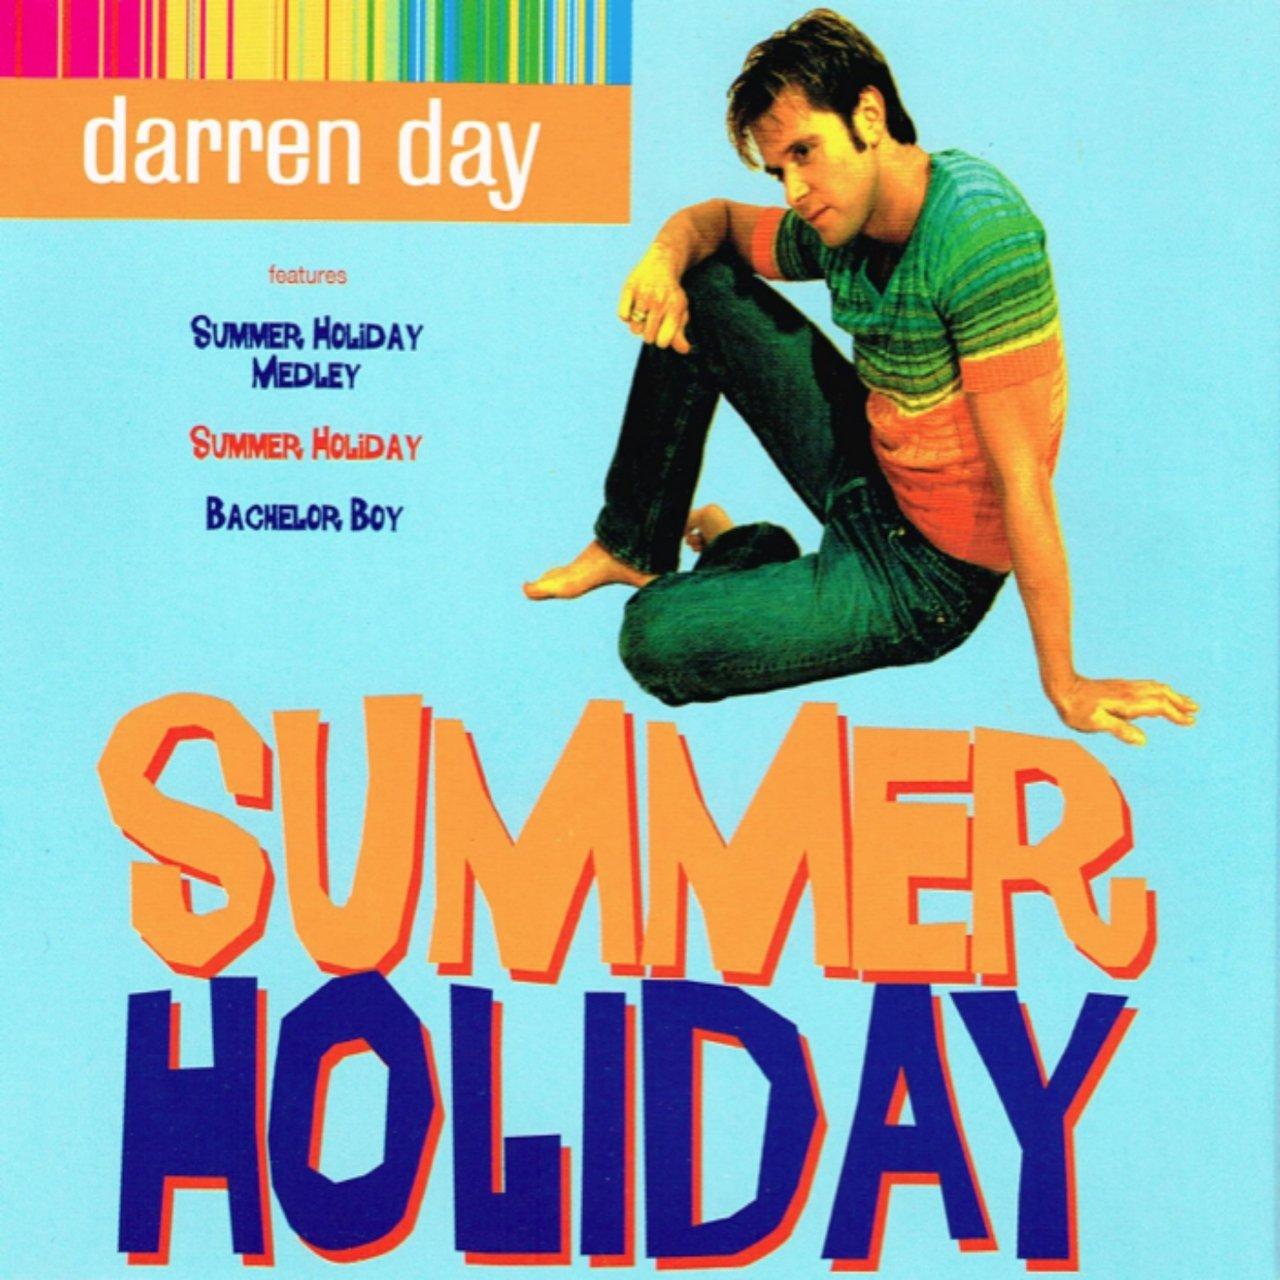 TIDAL: Listen to Darren Day on TIDAL